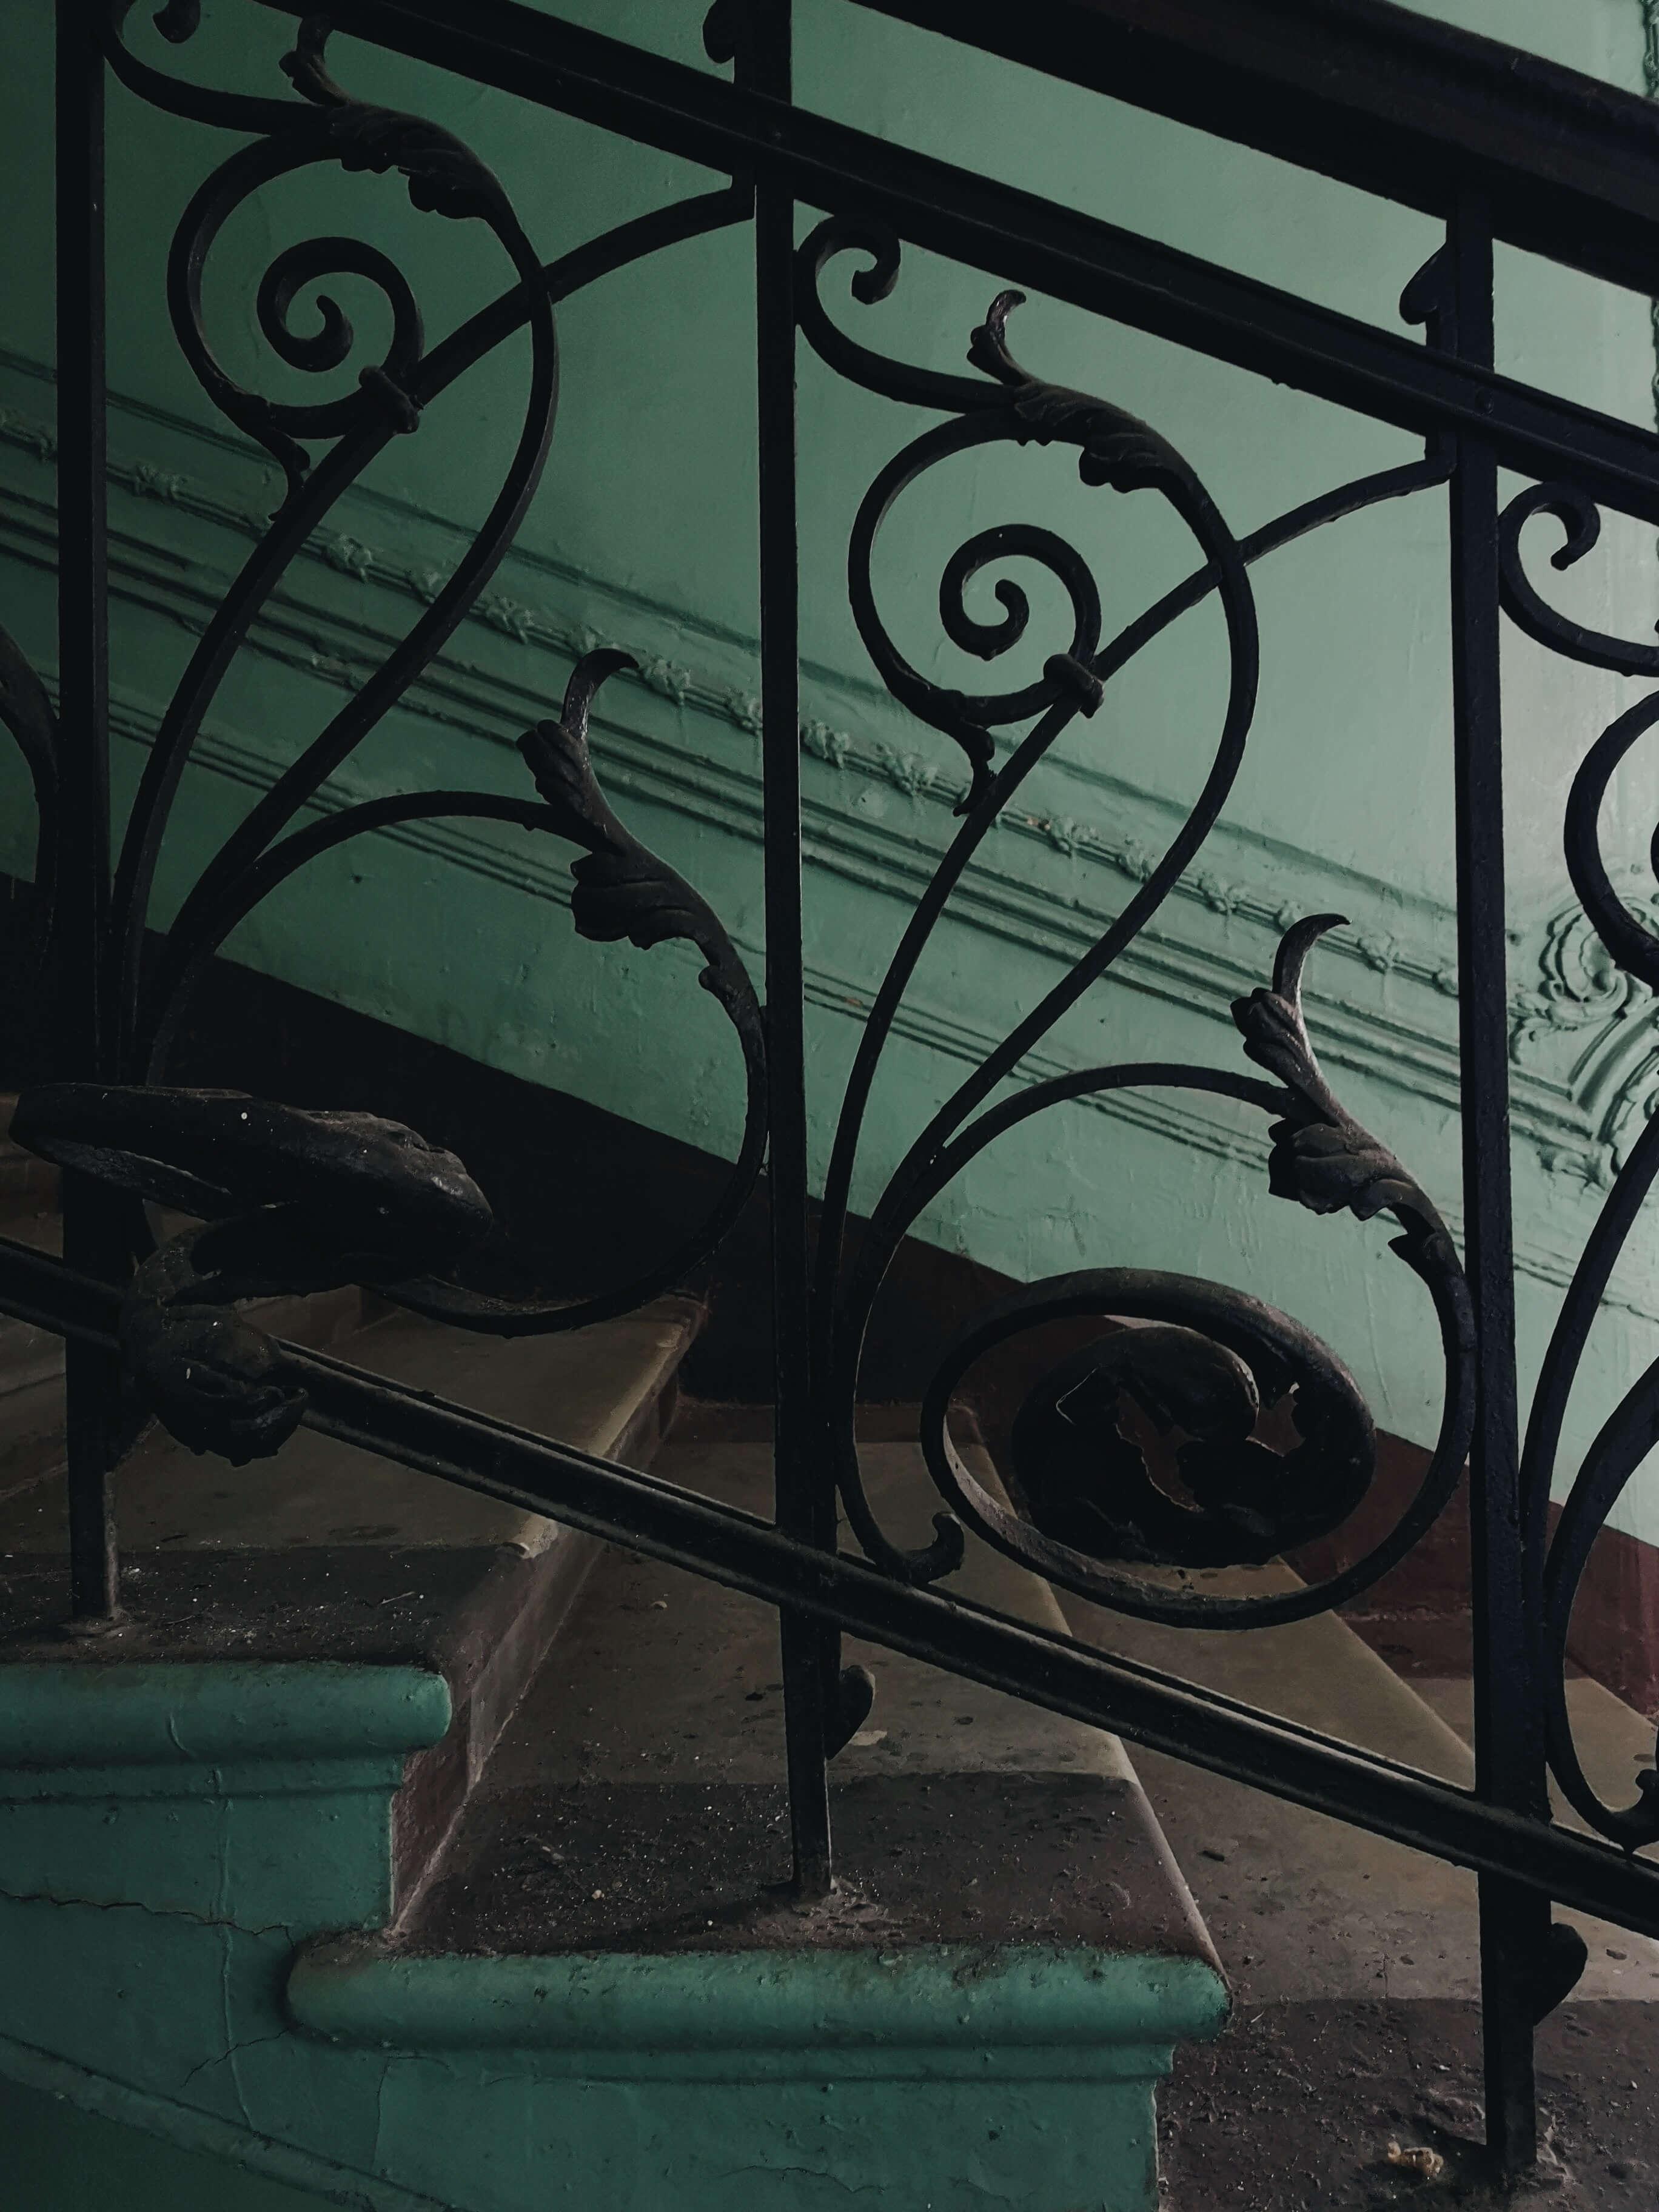 black-metal-ornate-stairway-railing-3511902 (1)